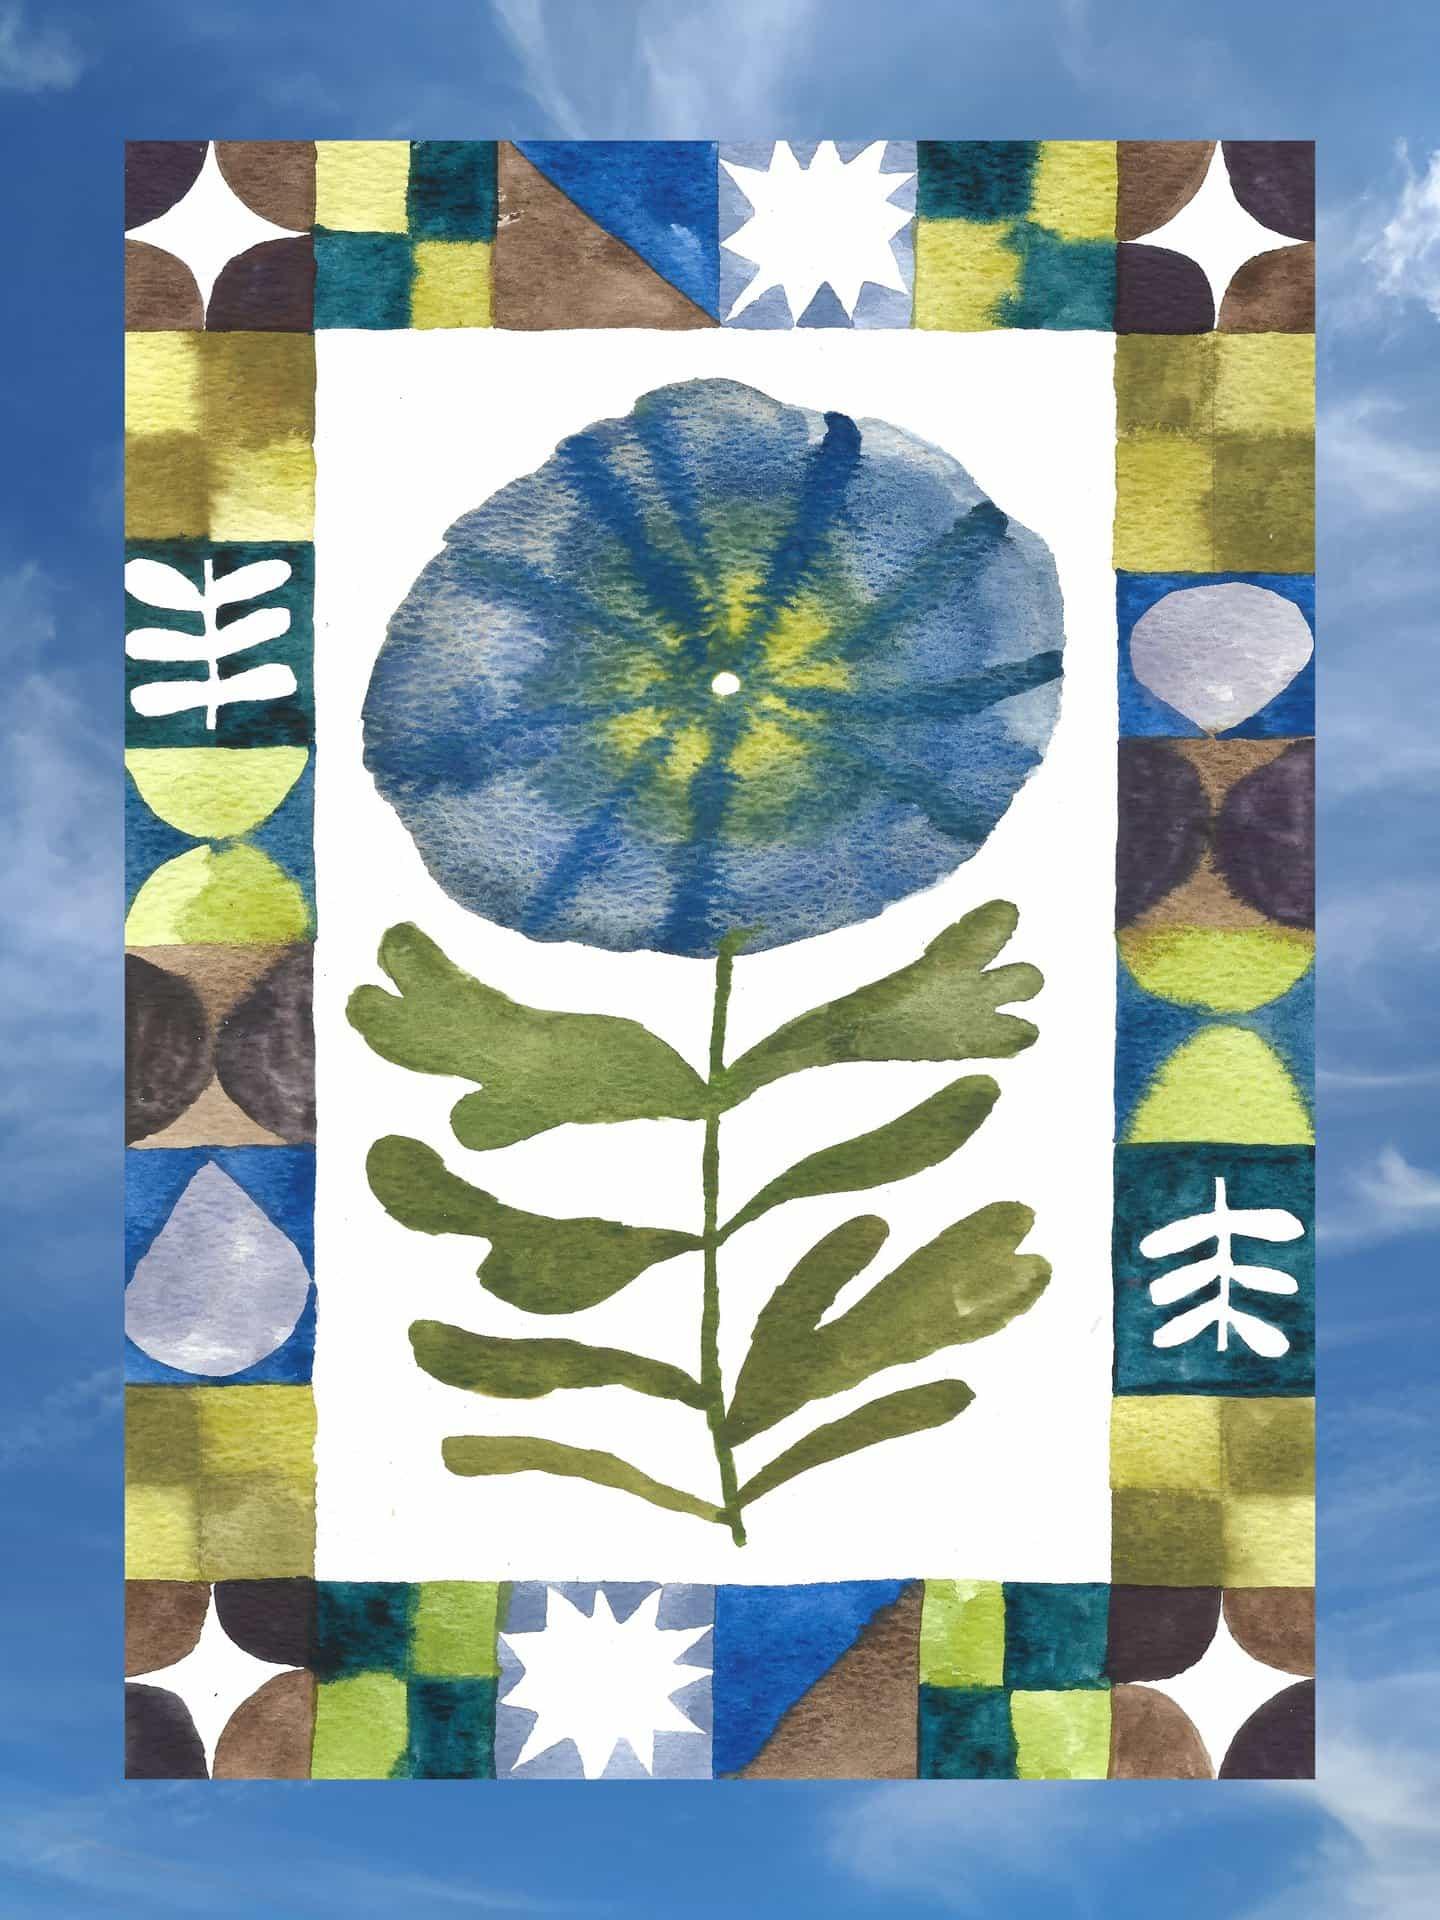 Olivia McEwan-Hill: amapola azul (Copyright © Olivia McEwan-Hill, 2020)